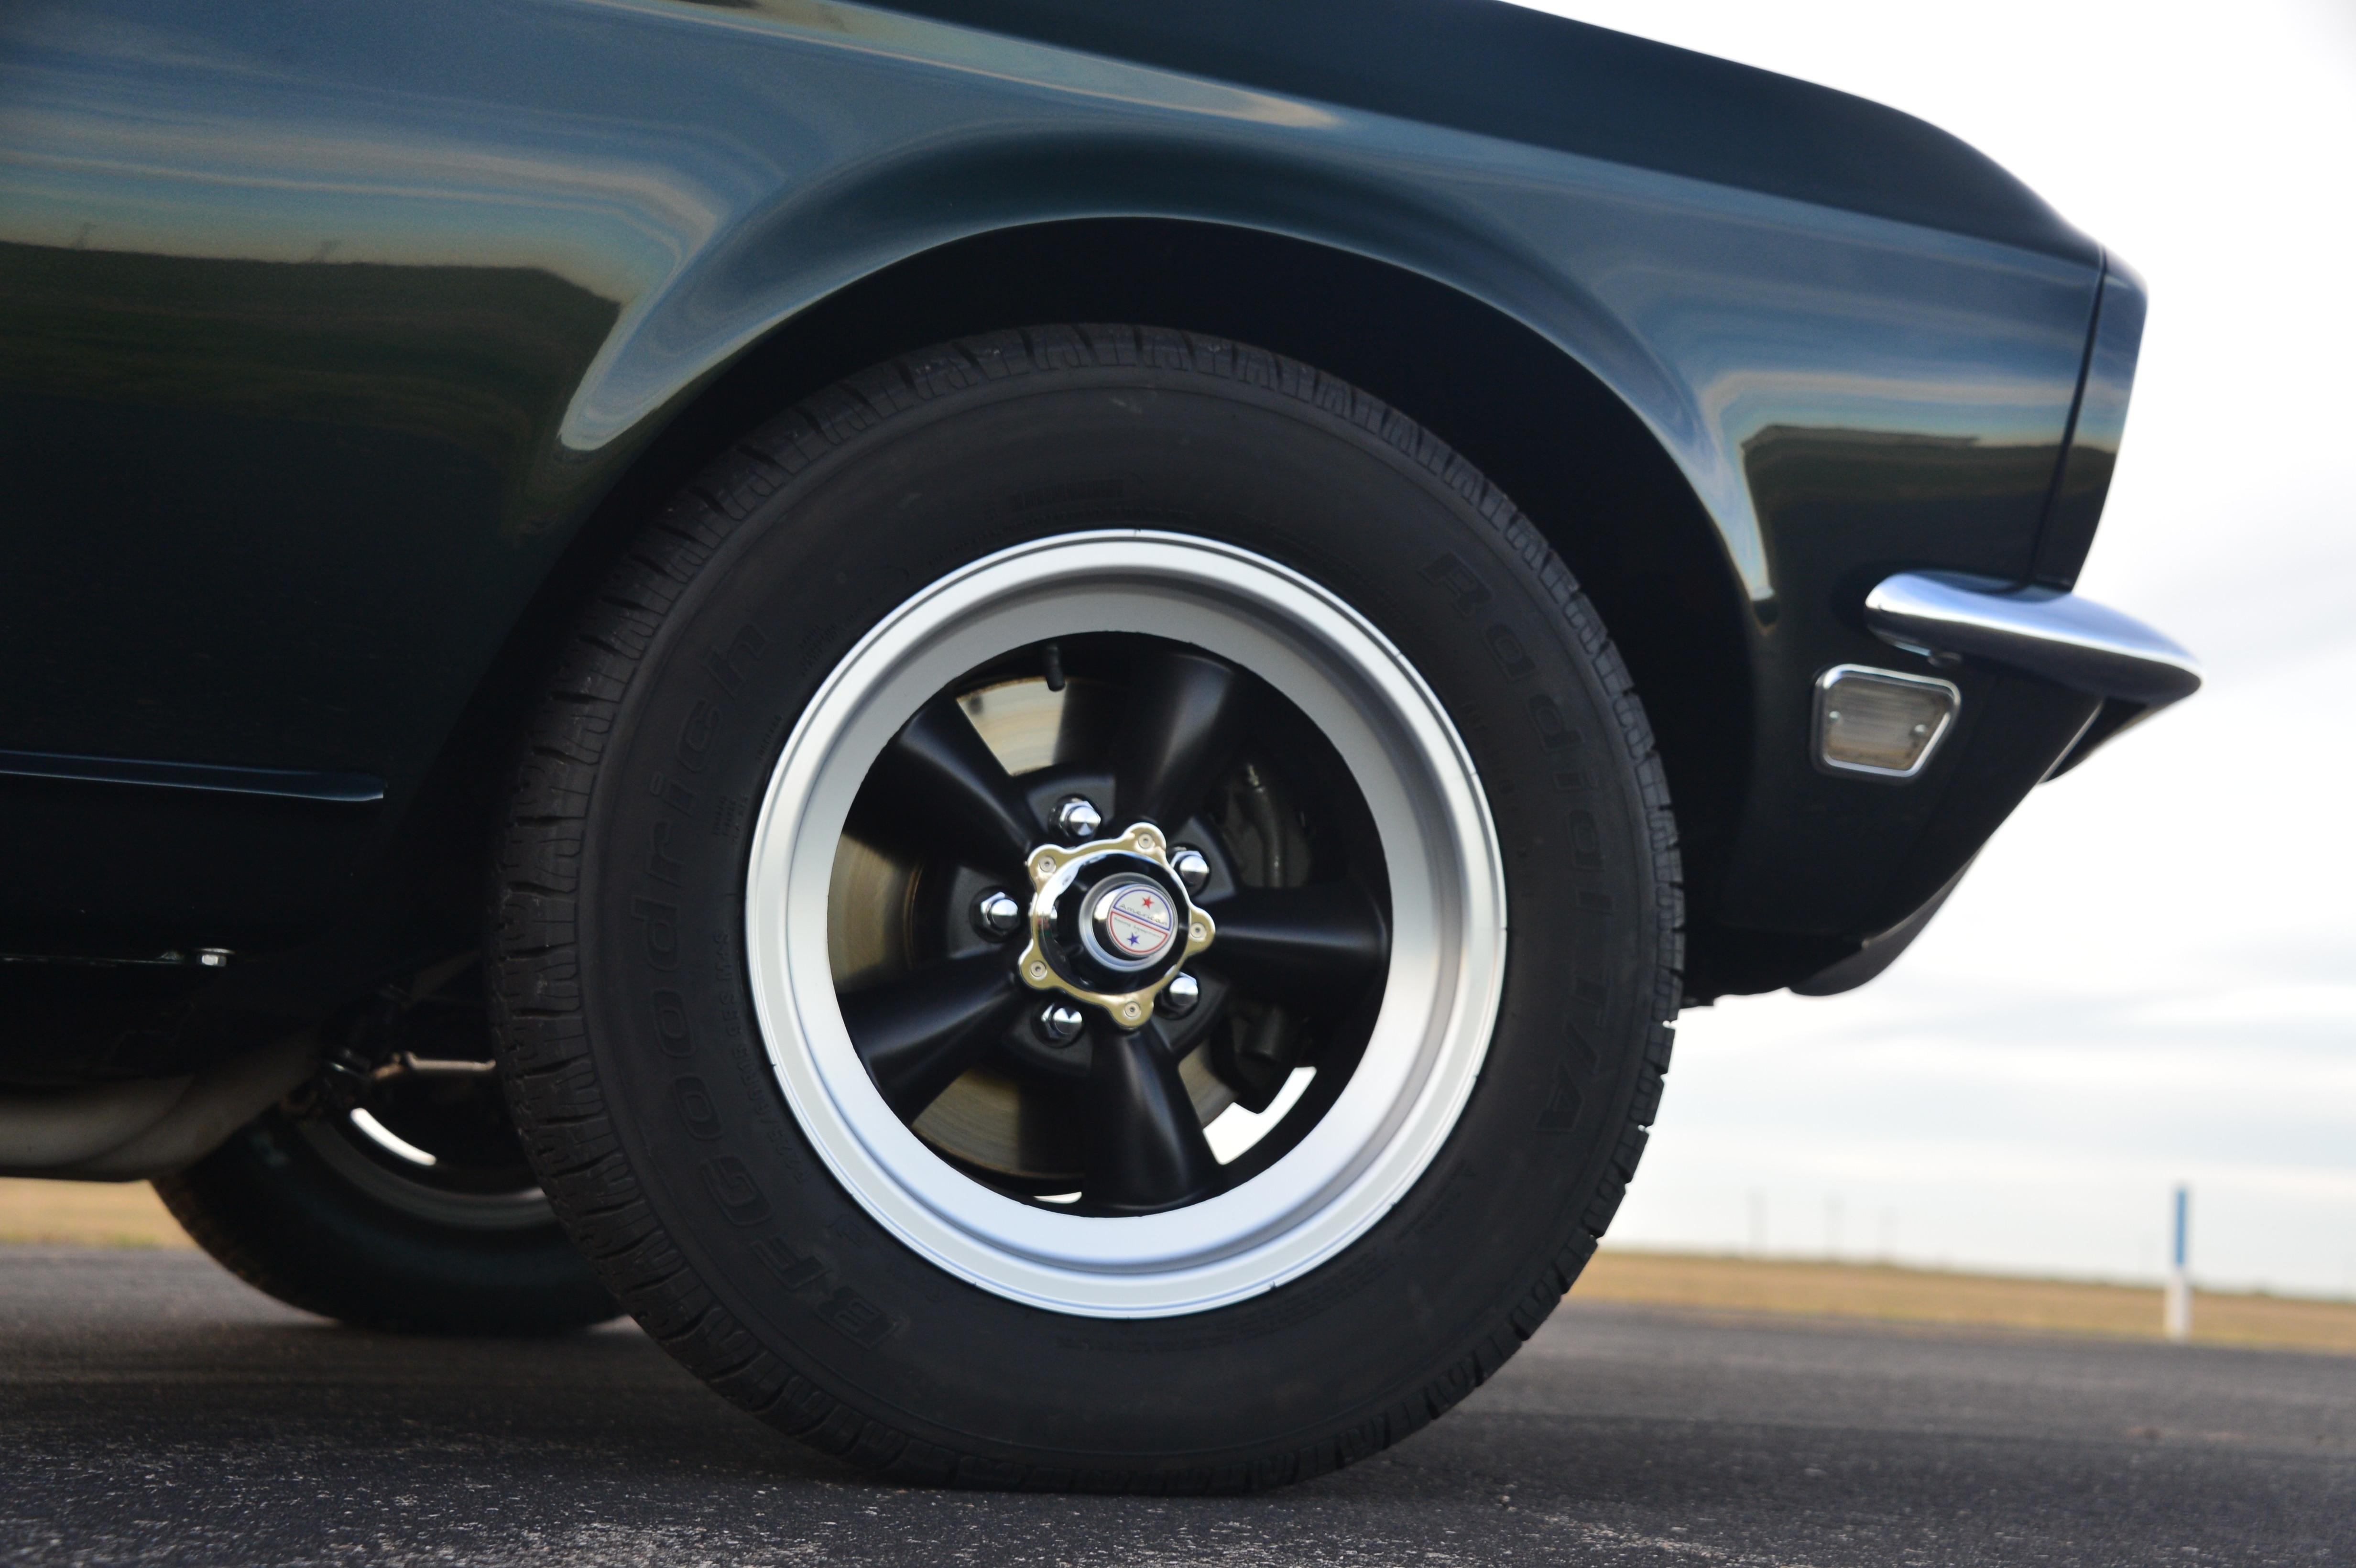 29 1968 Ford Mustang American Racing Wheels